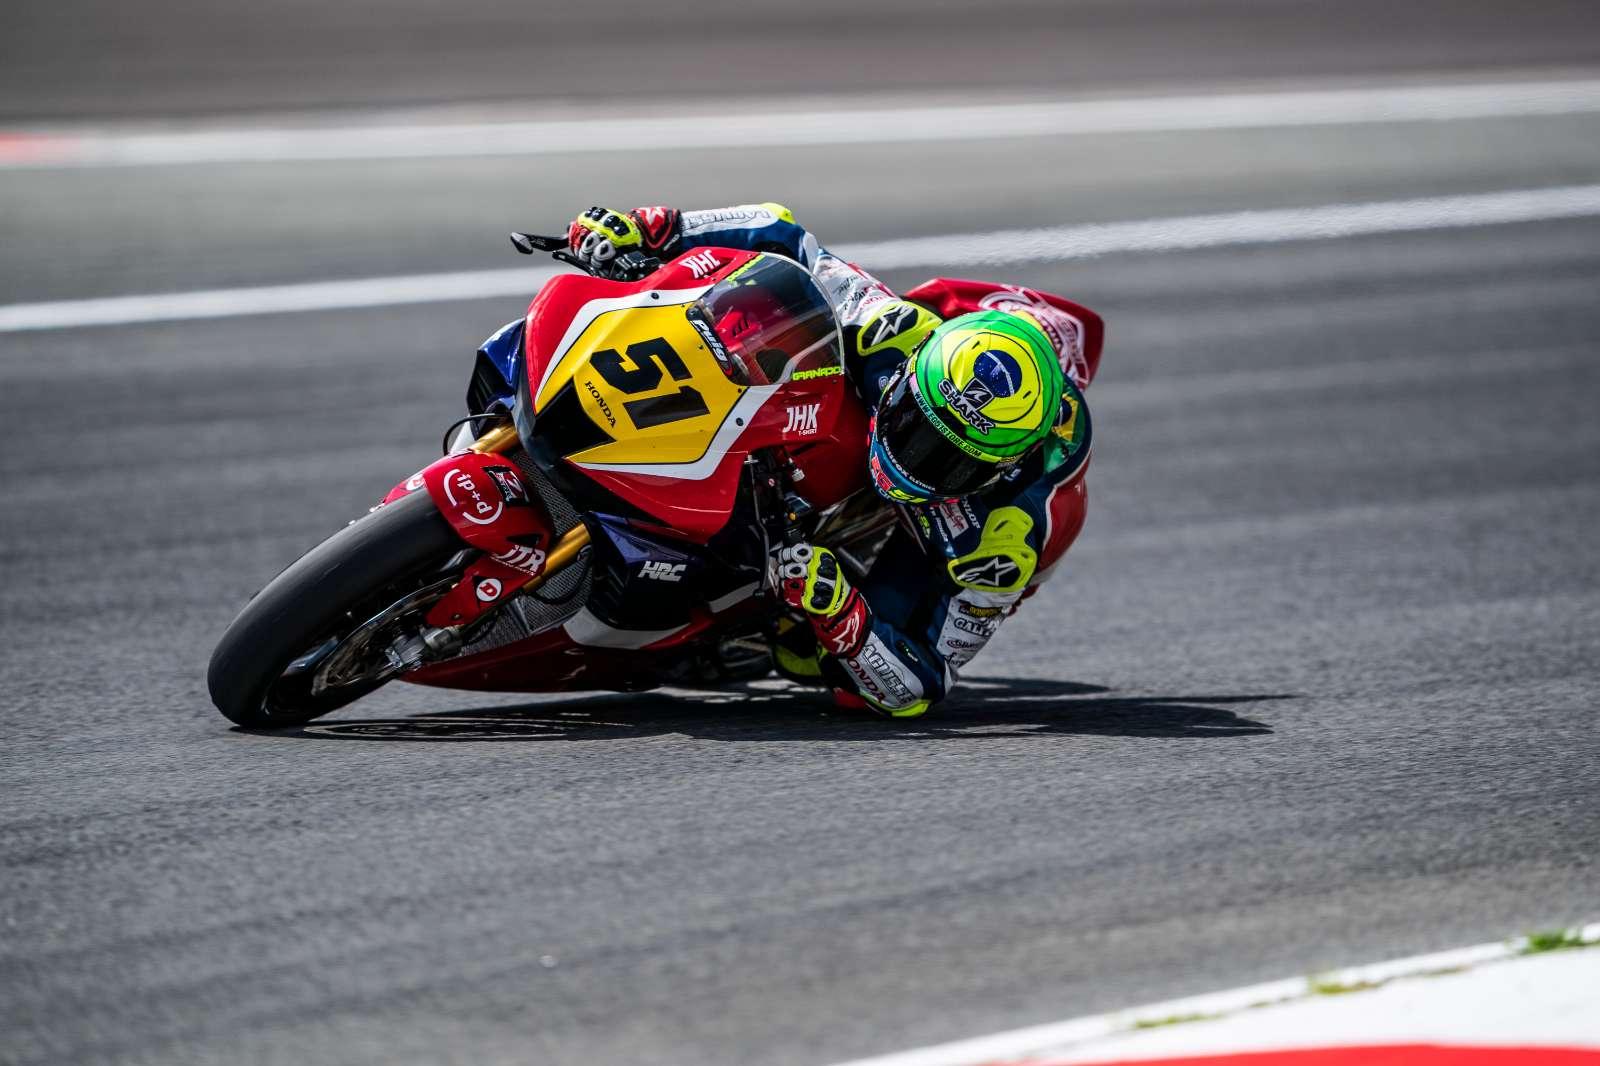 Eric Granado encara sexta e penúltima etapa do Espanhol de Superbike, em Valência